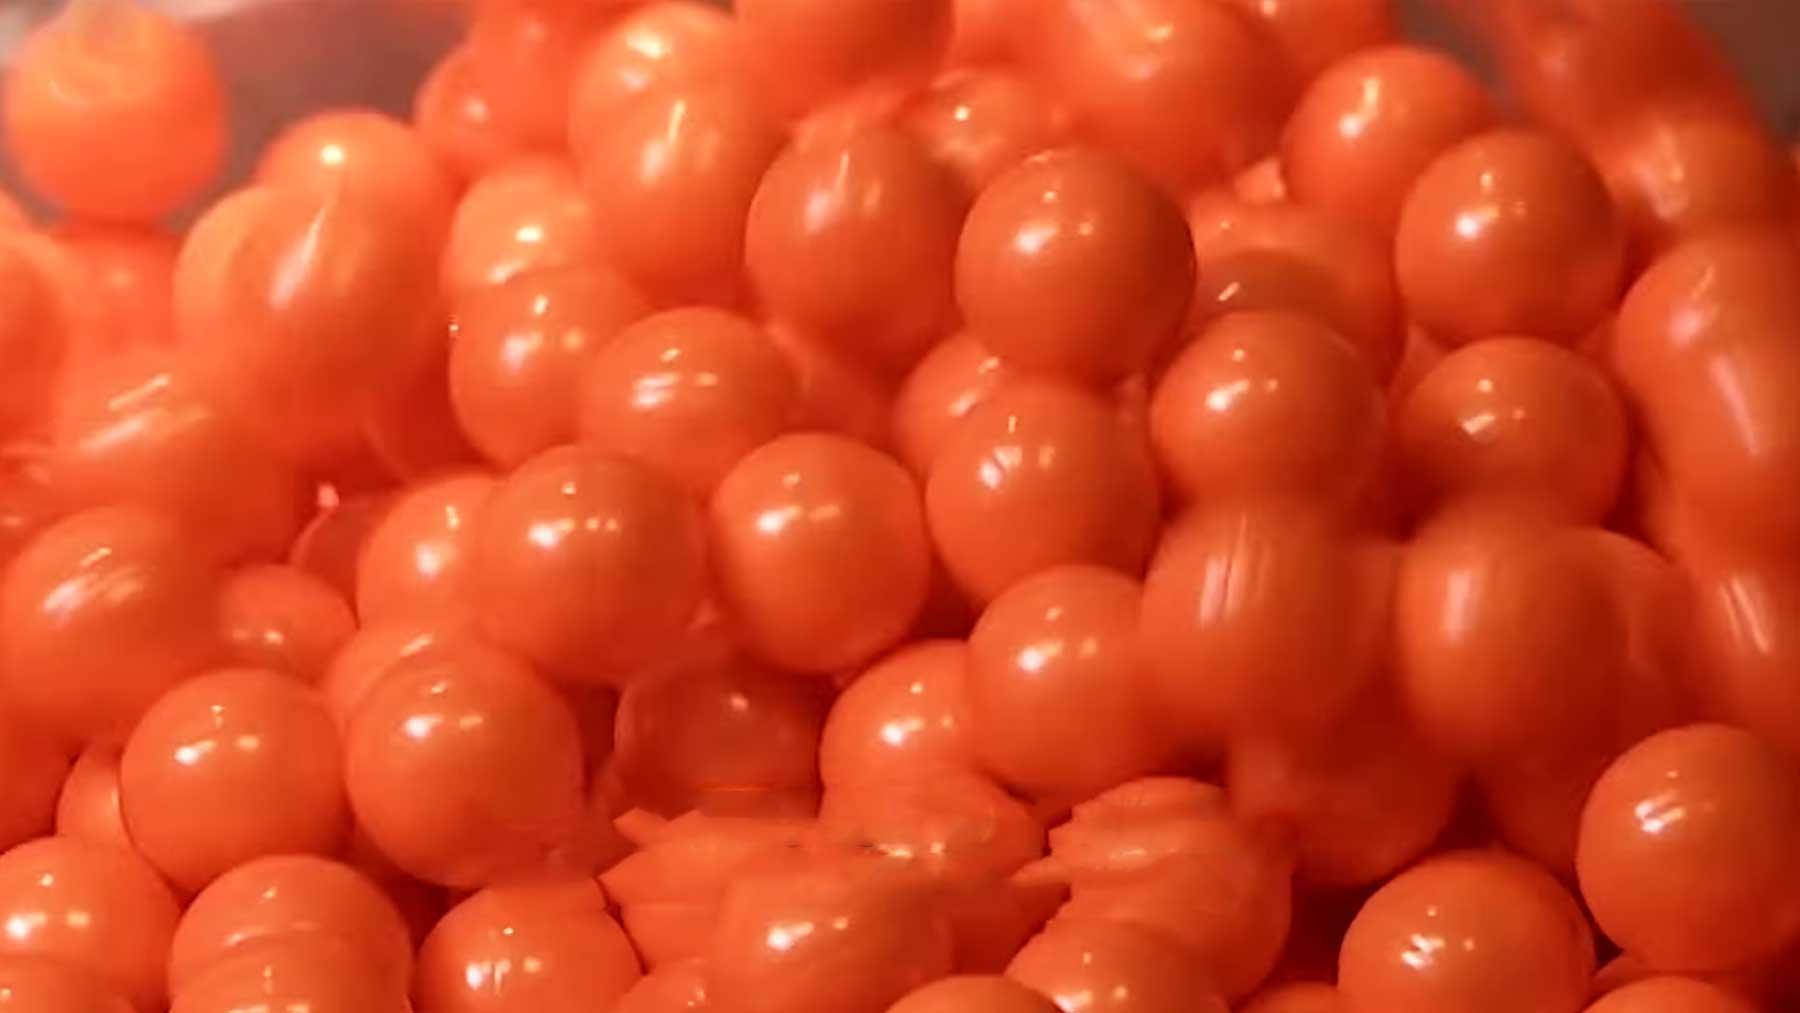 Wie werden eigentlich Paintball-Kugeln hergestellt?